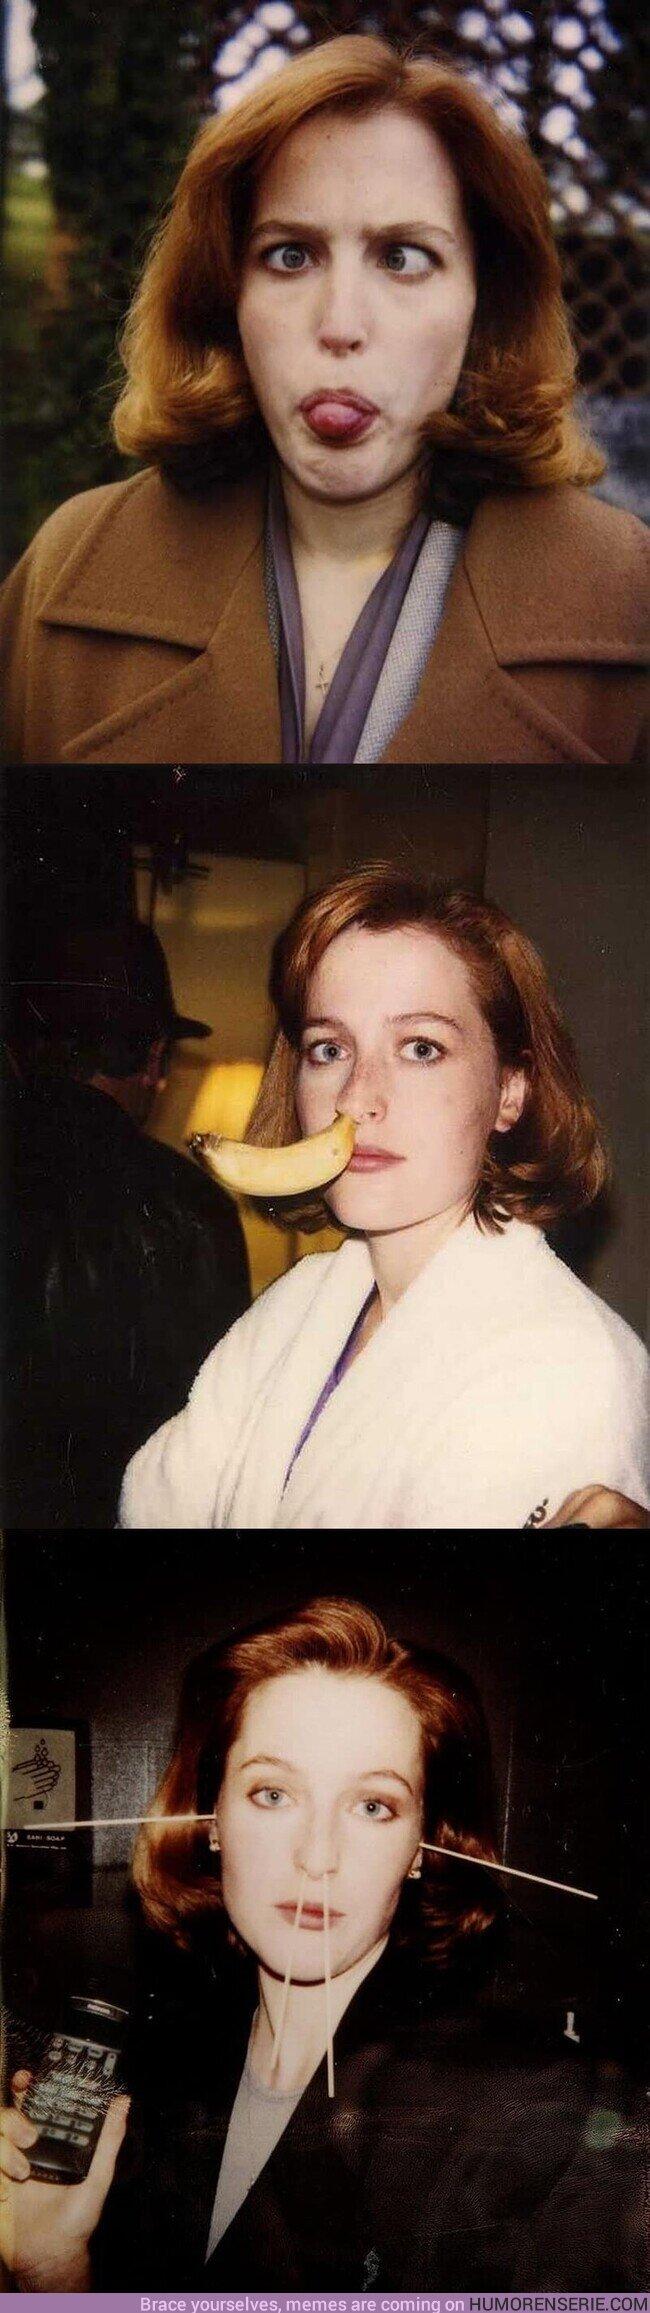 56104 - 52 años de Gillian Anderson, nuestra agente Scully